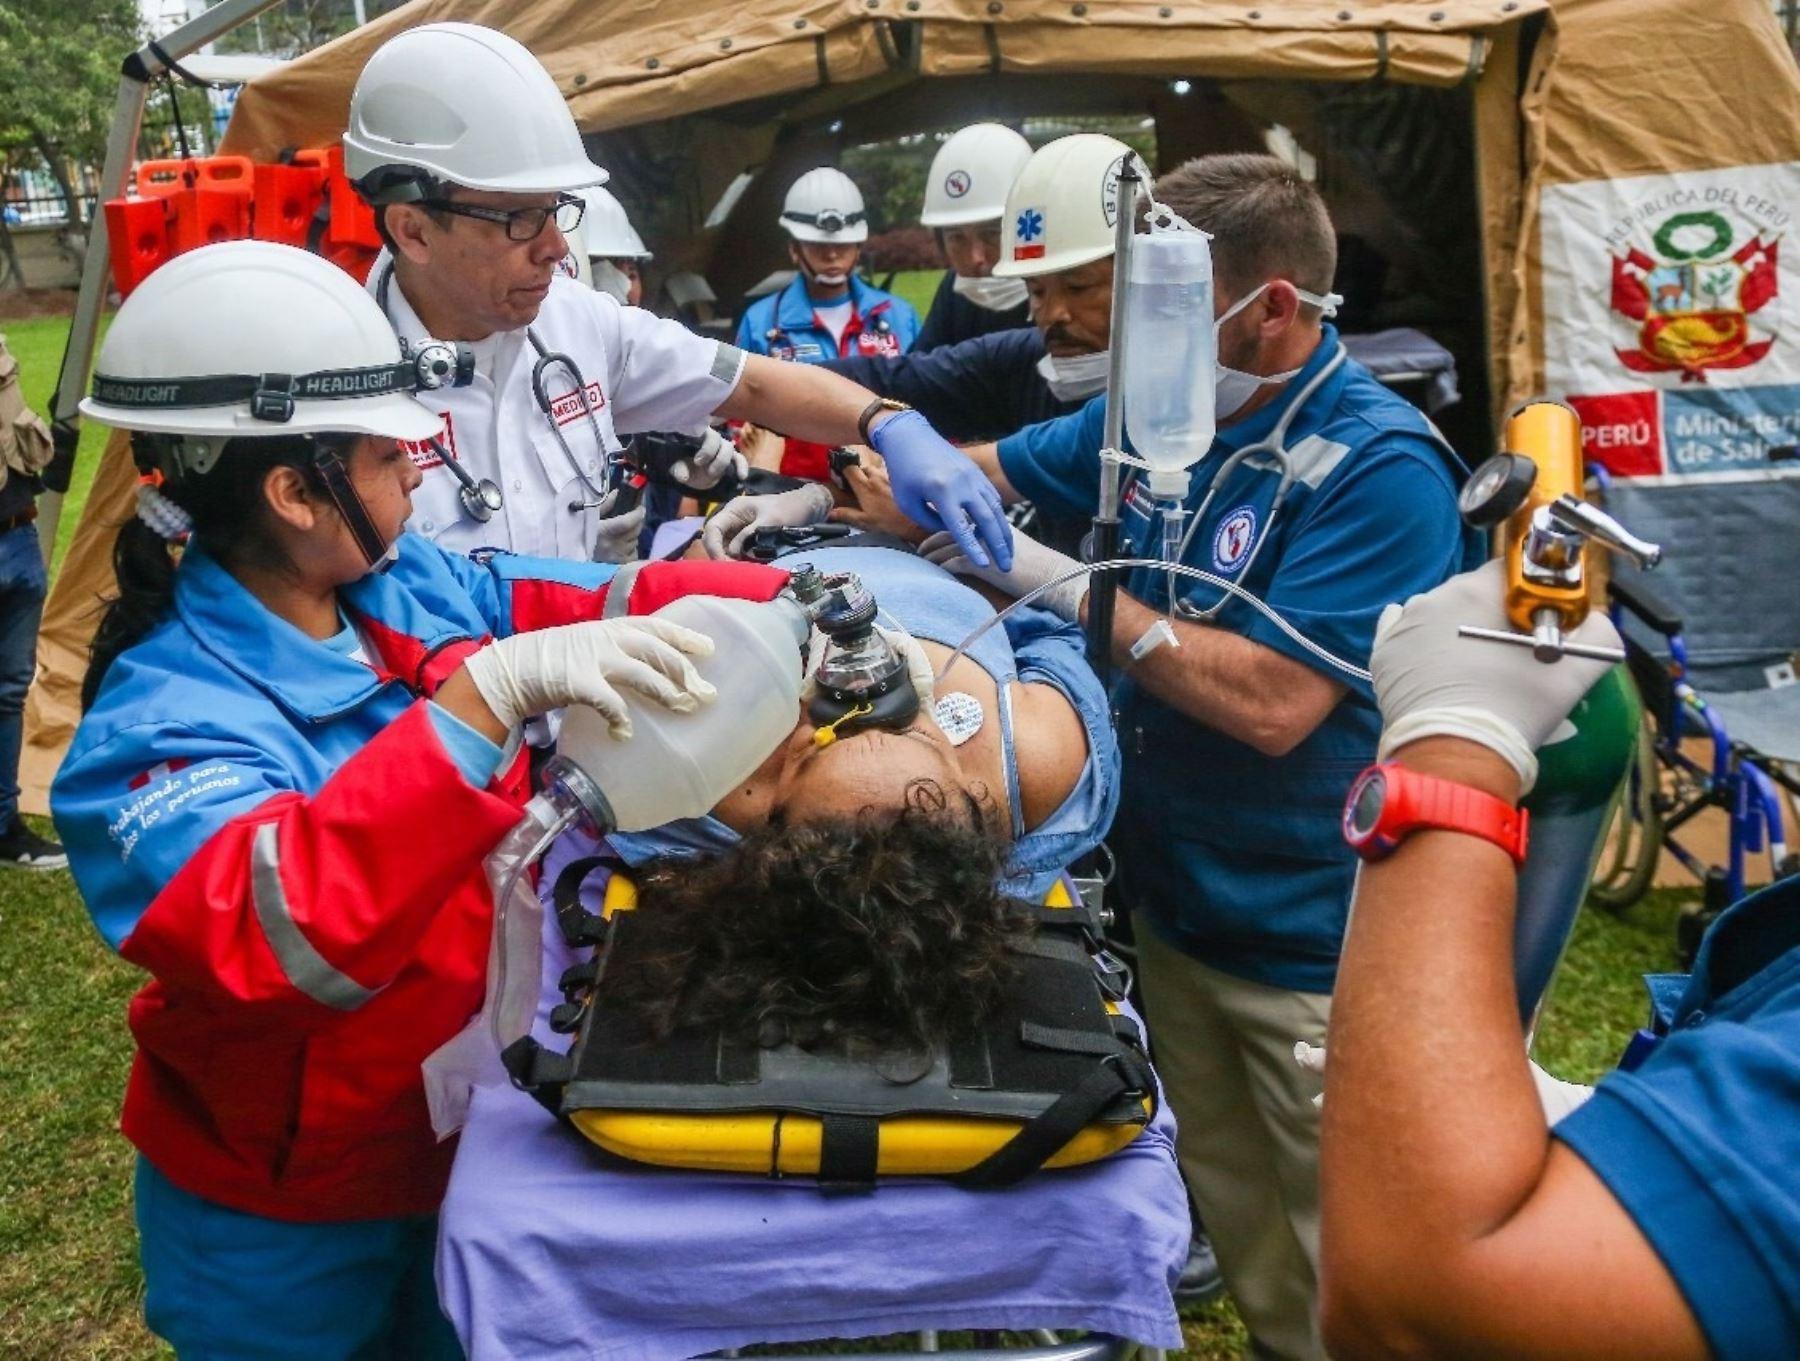 Capacitarán a rescartistas en respuesta a accidentes masivos